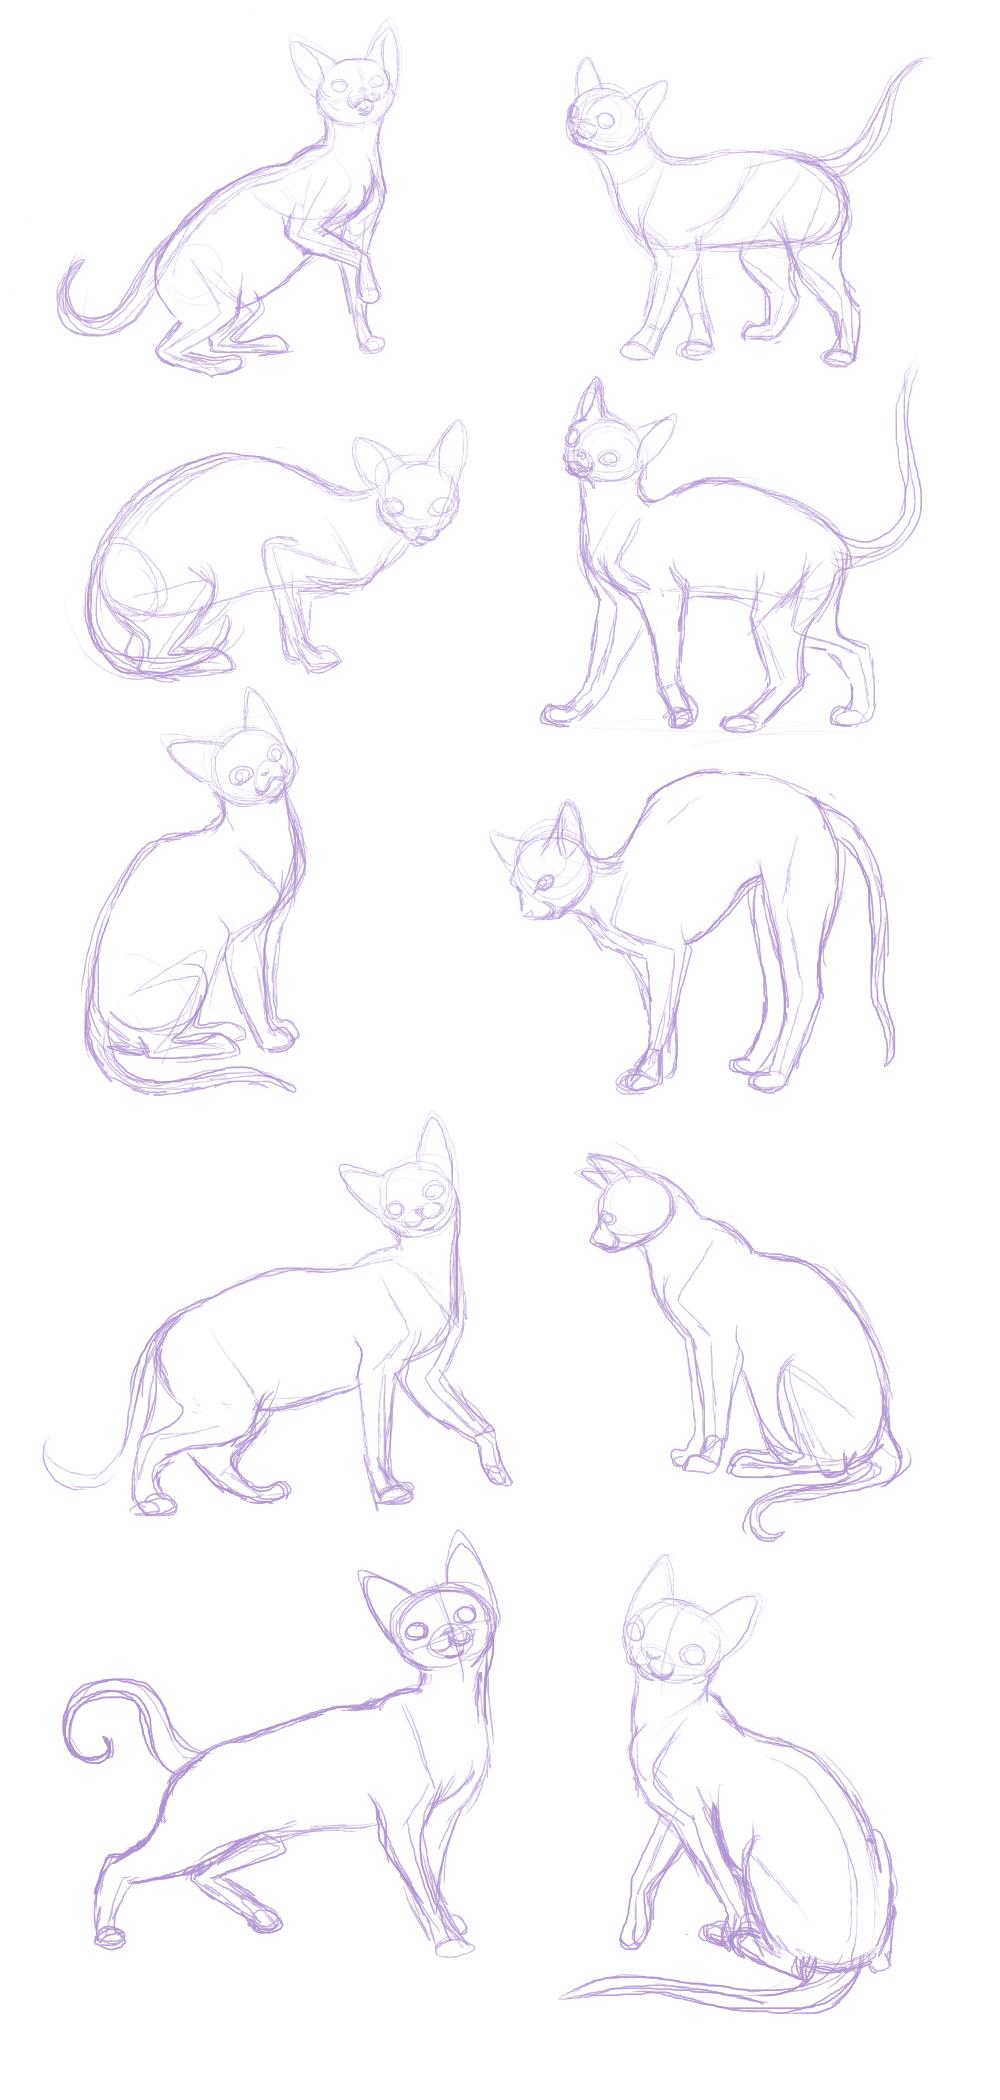 cat sketches-anatomy practice by BakaMichi on DeviantArt